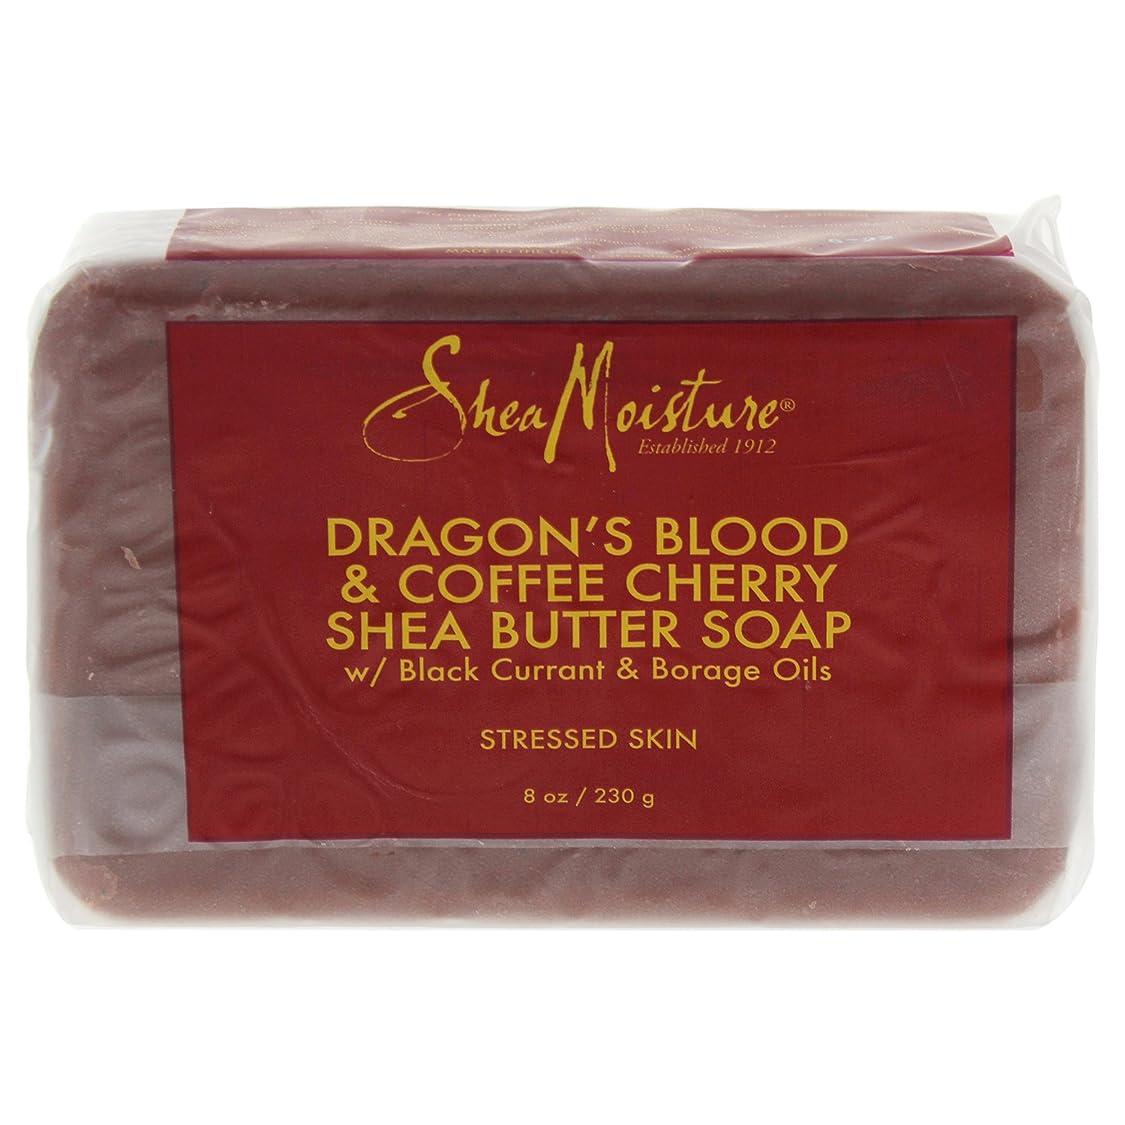 注入魔術師討論Shea Moisture バーソープ (Dragons Blood & Coffee Cherry Shea Butter Soap - S)